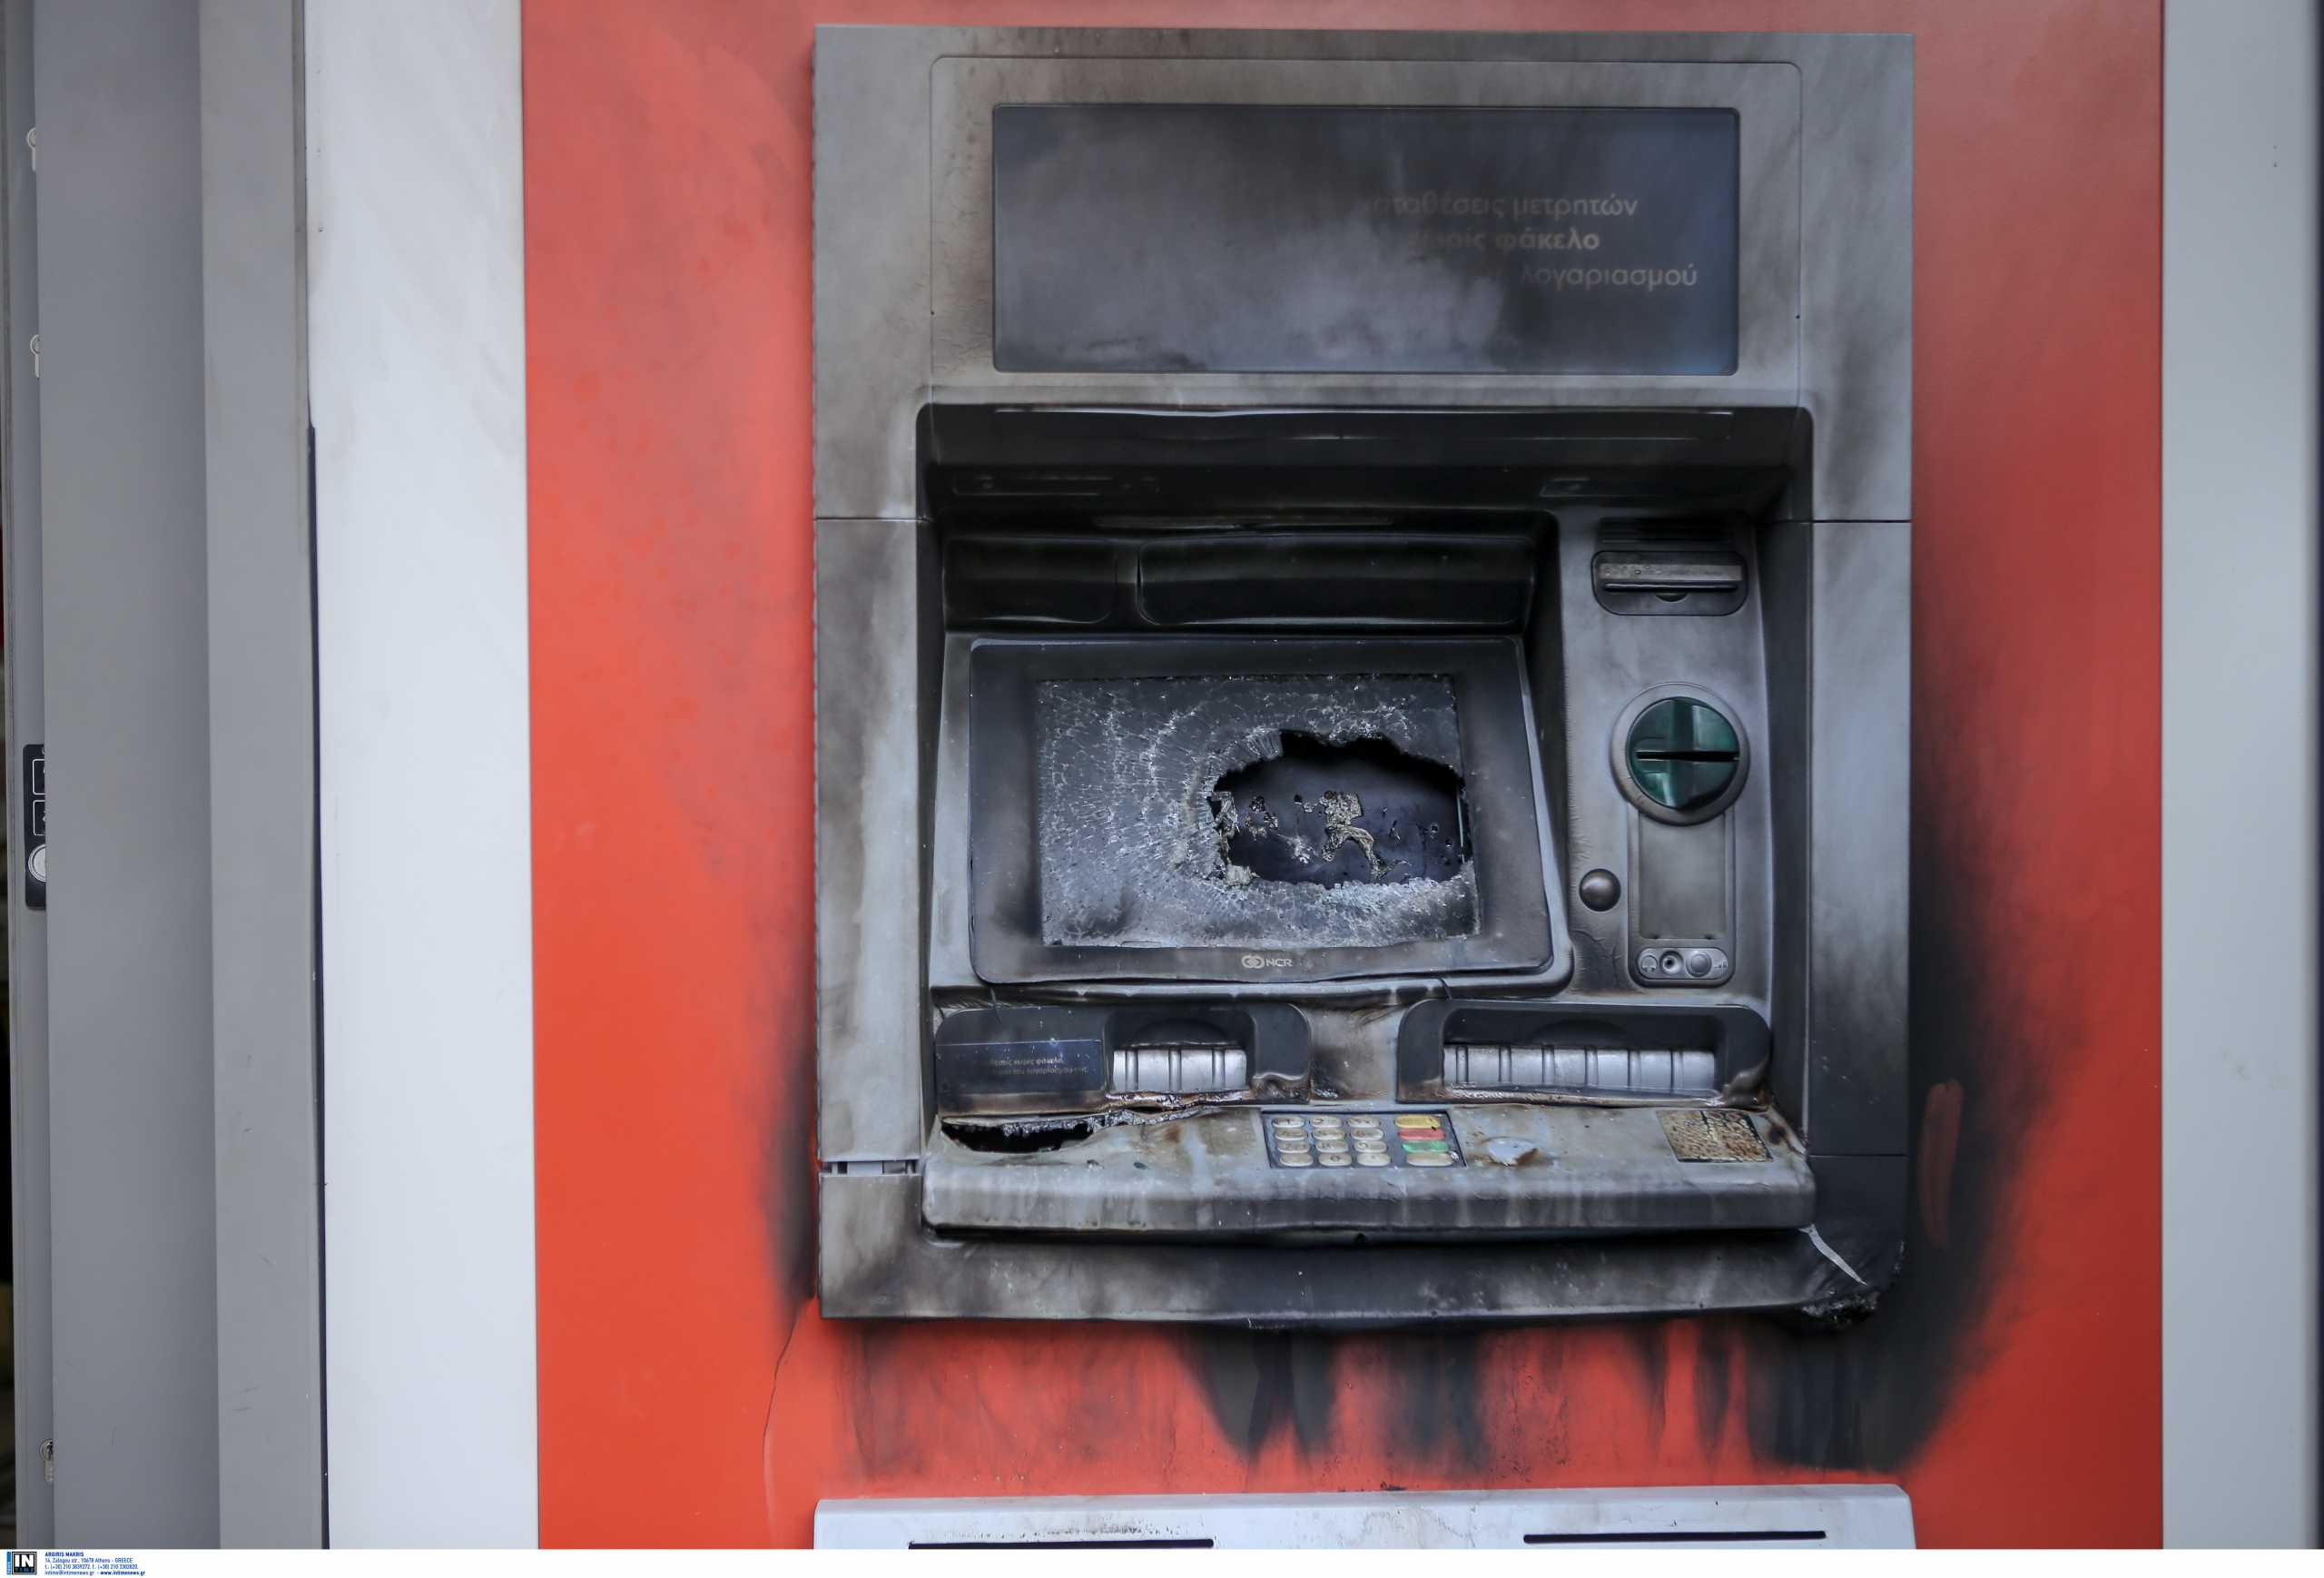 Επιθέσεις σε ΑΤΜ τραπεζών σε Αιγάλεω και Βριλήσσια